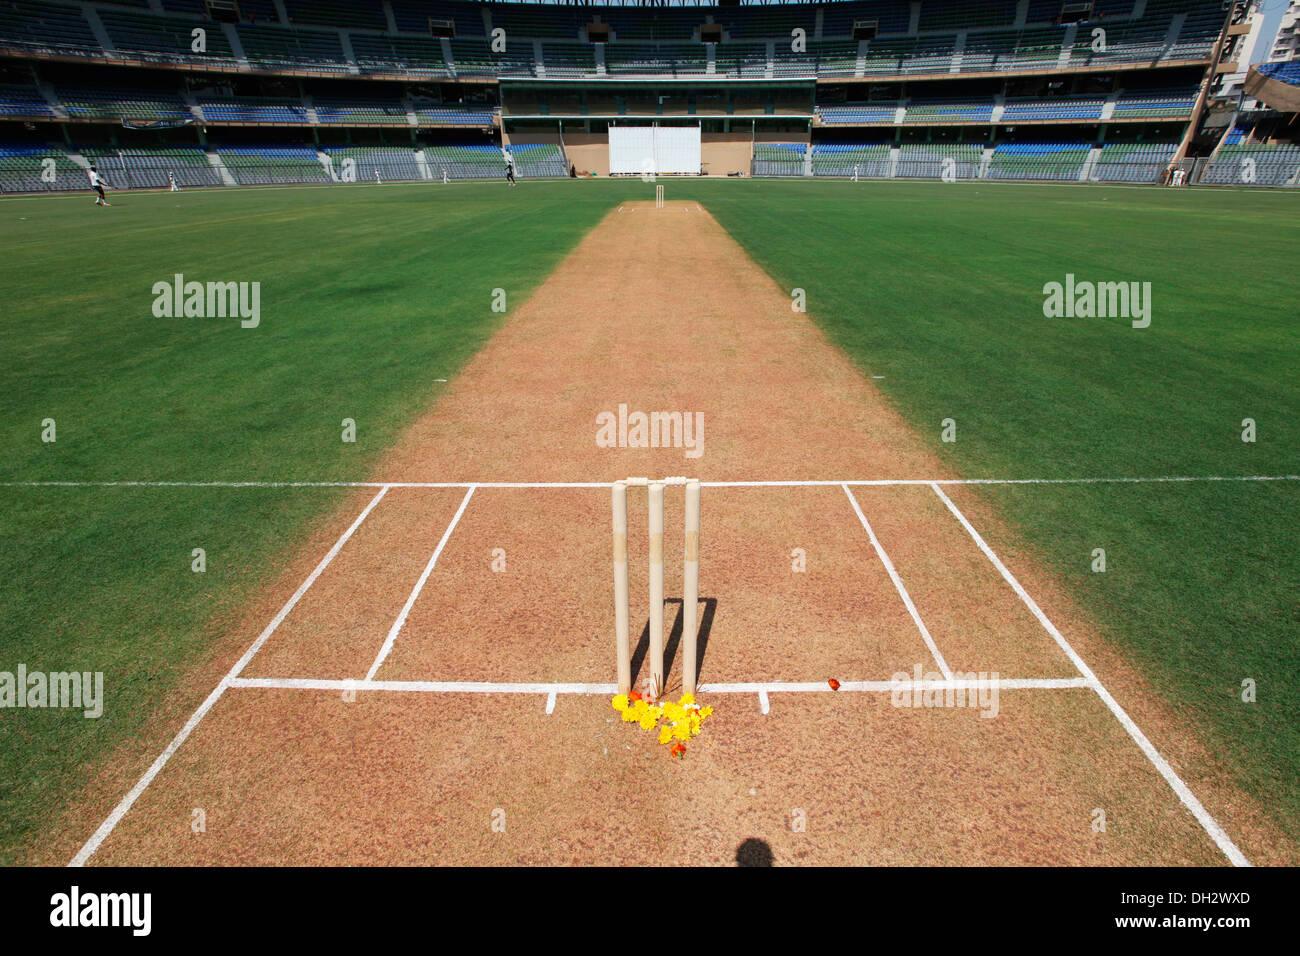 stumps and cricket pitch Wankhede Stadium Mumbai Maharashtra India Asia - Stock Image